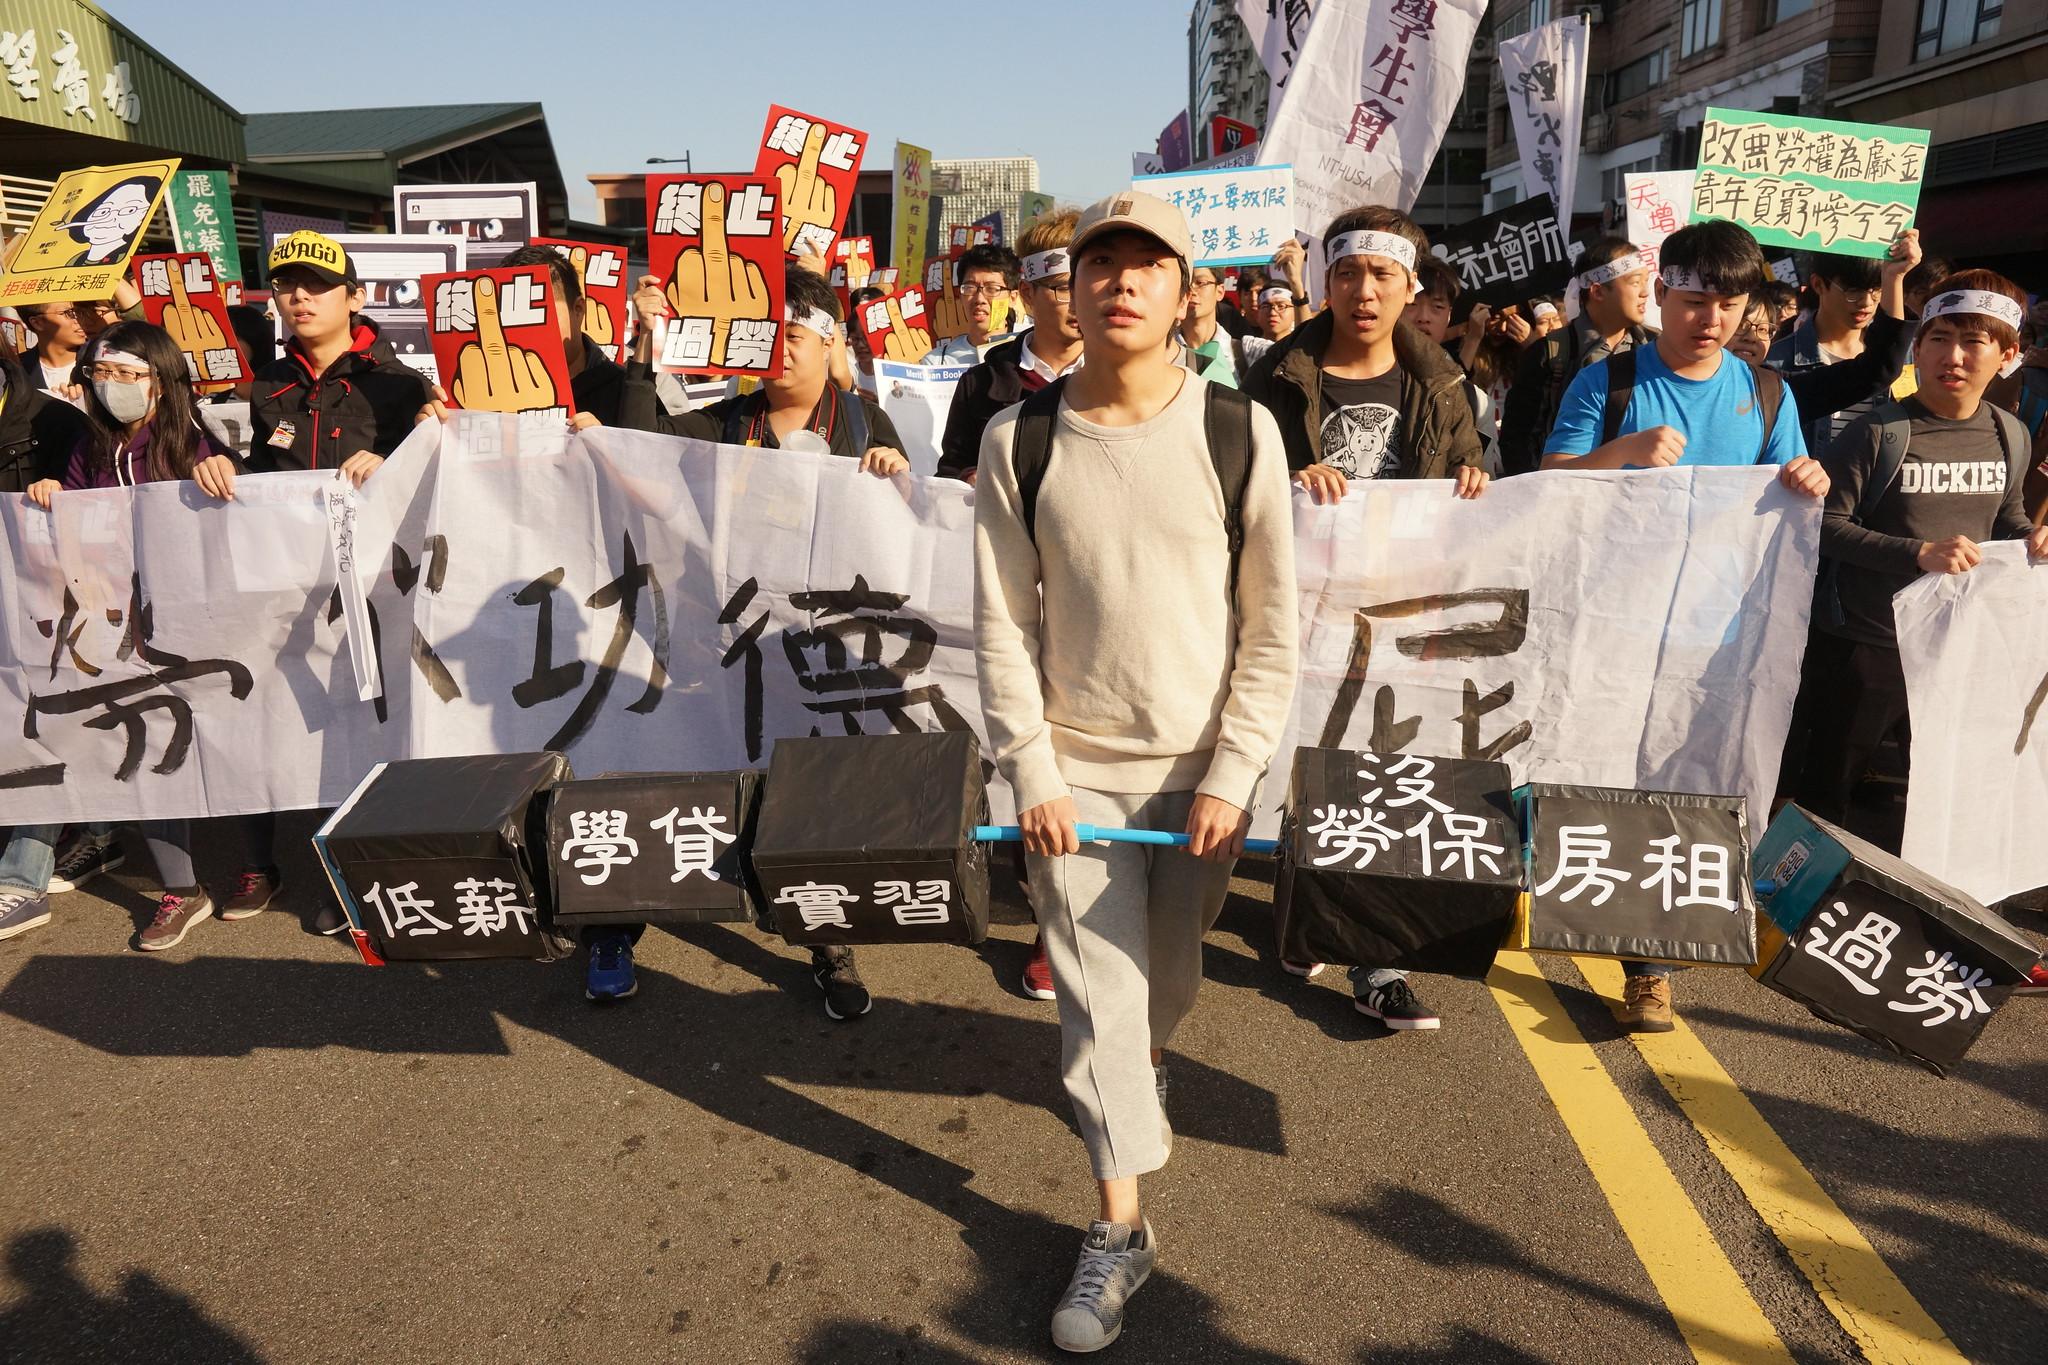 遊行由代表產業後備軍的青年世代領頭。(攝影:王顥中)